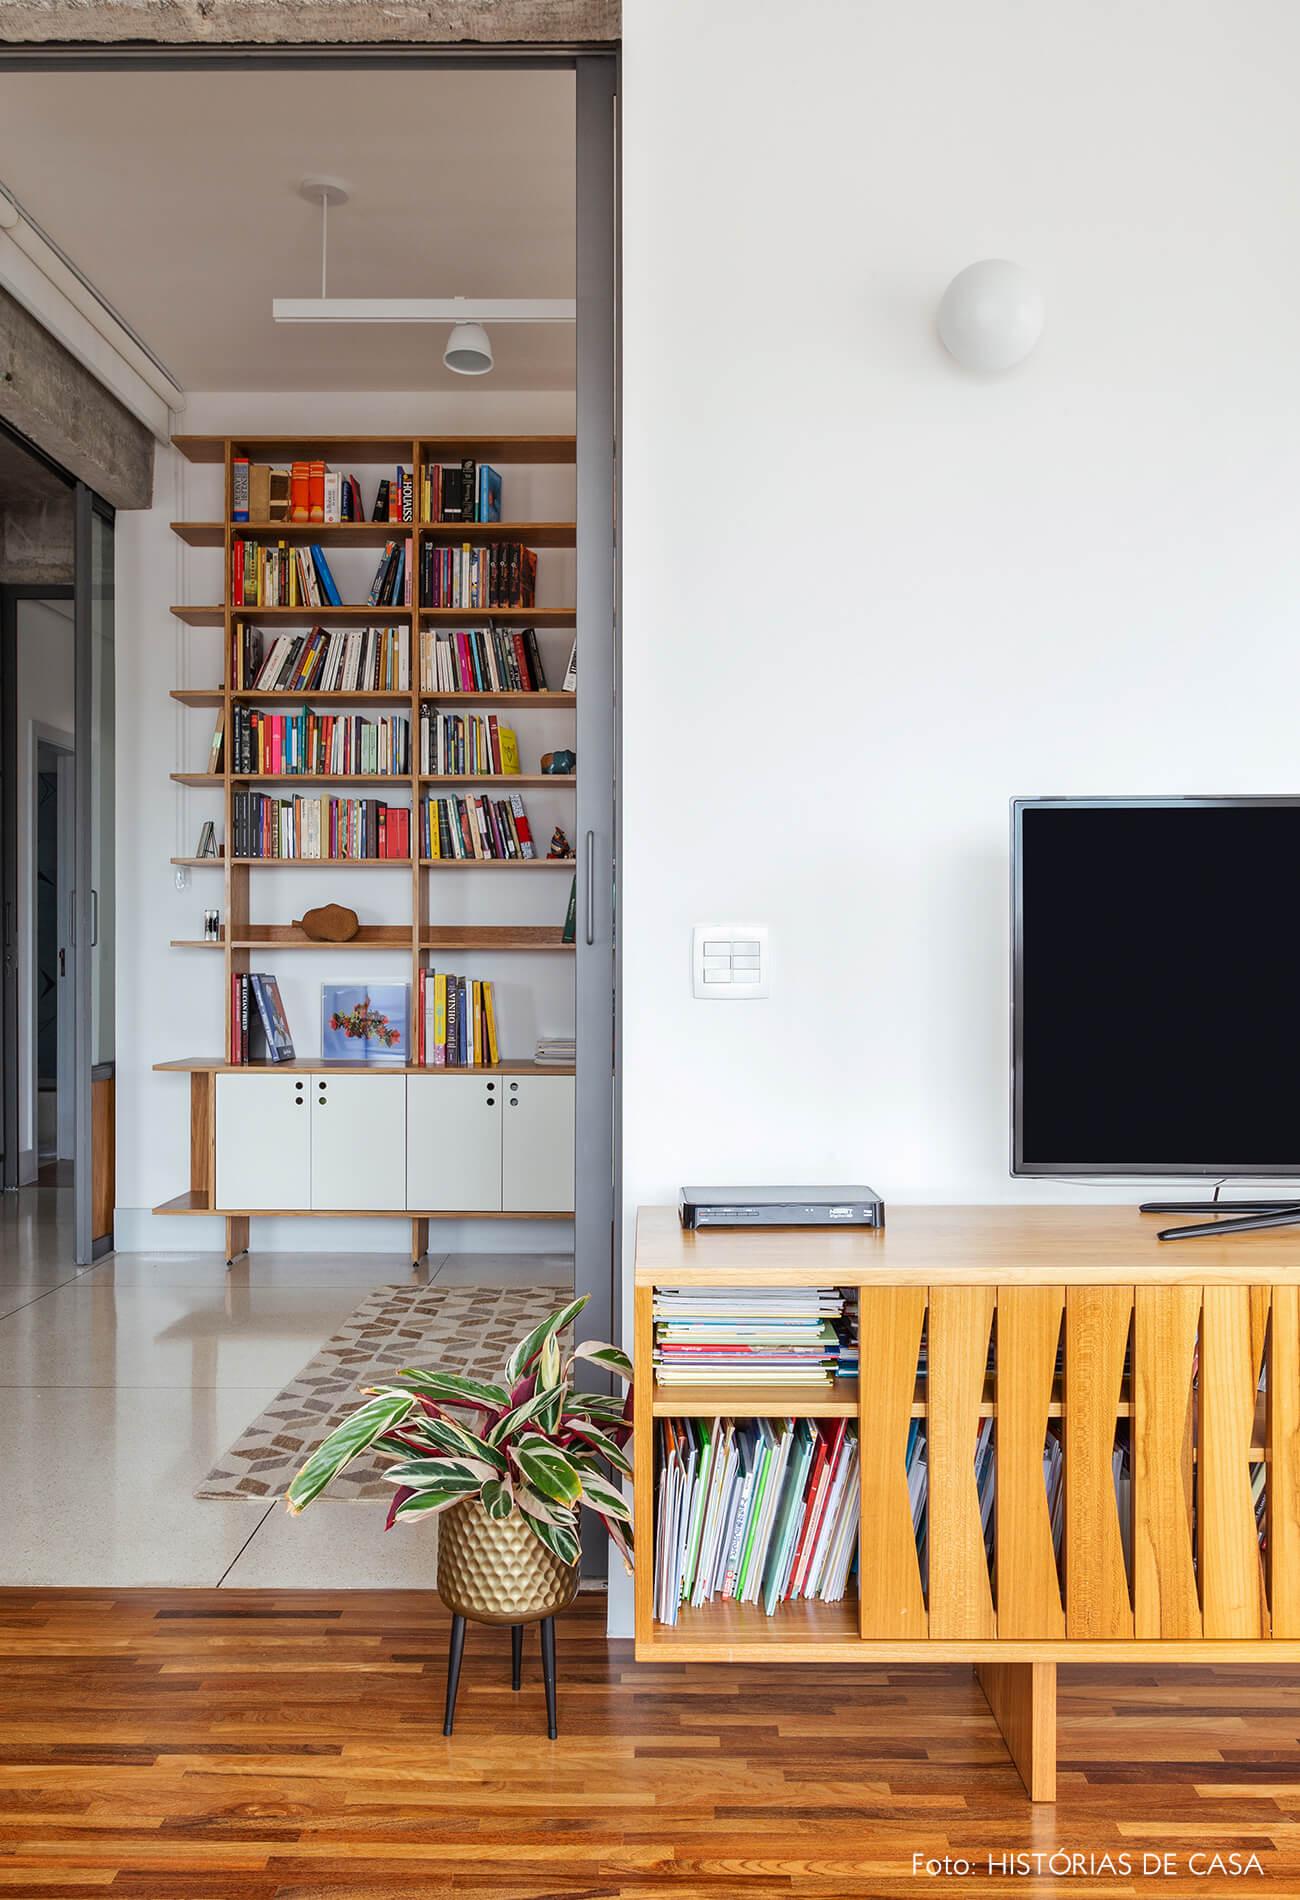 Sala integrada com móveis de madeira, rack retrô